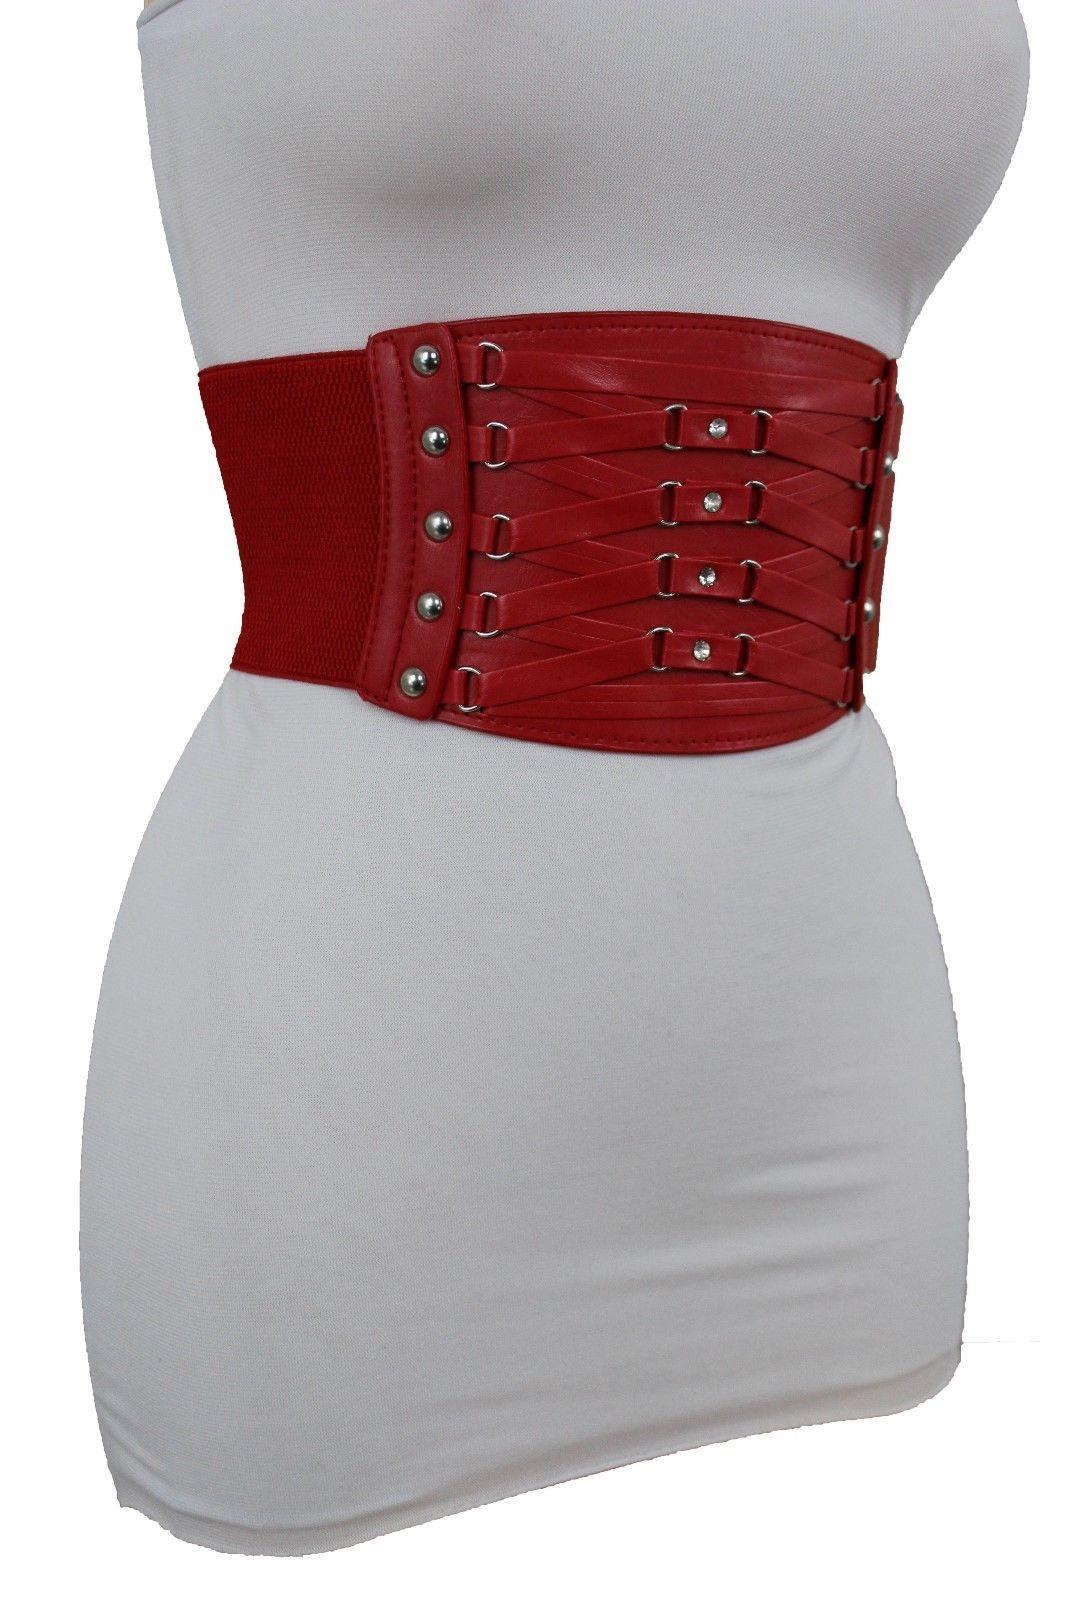 86d242169c5 12 Different Colors Faux Leather Elastic Belt Corset Silver Metal ...